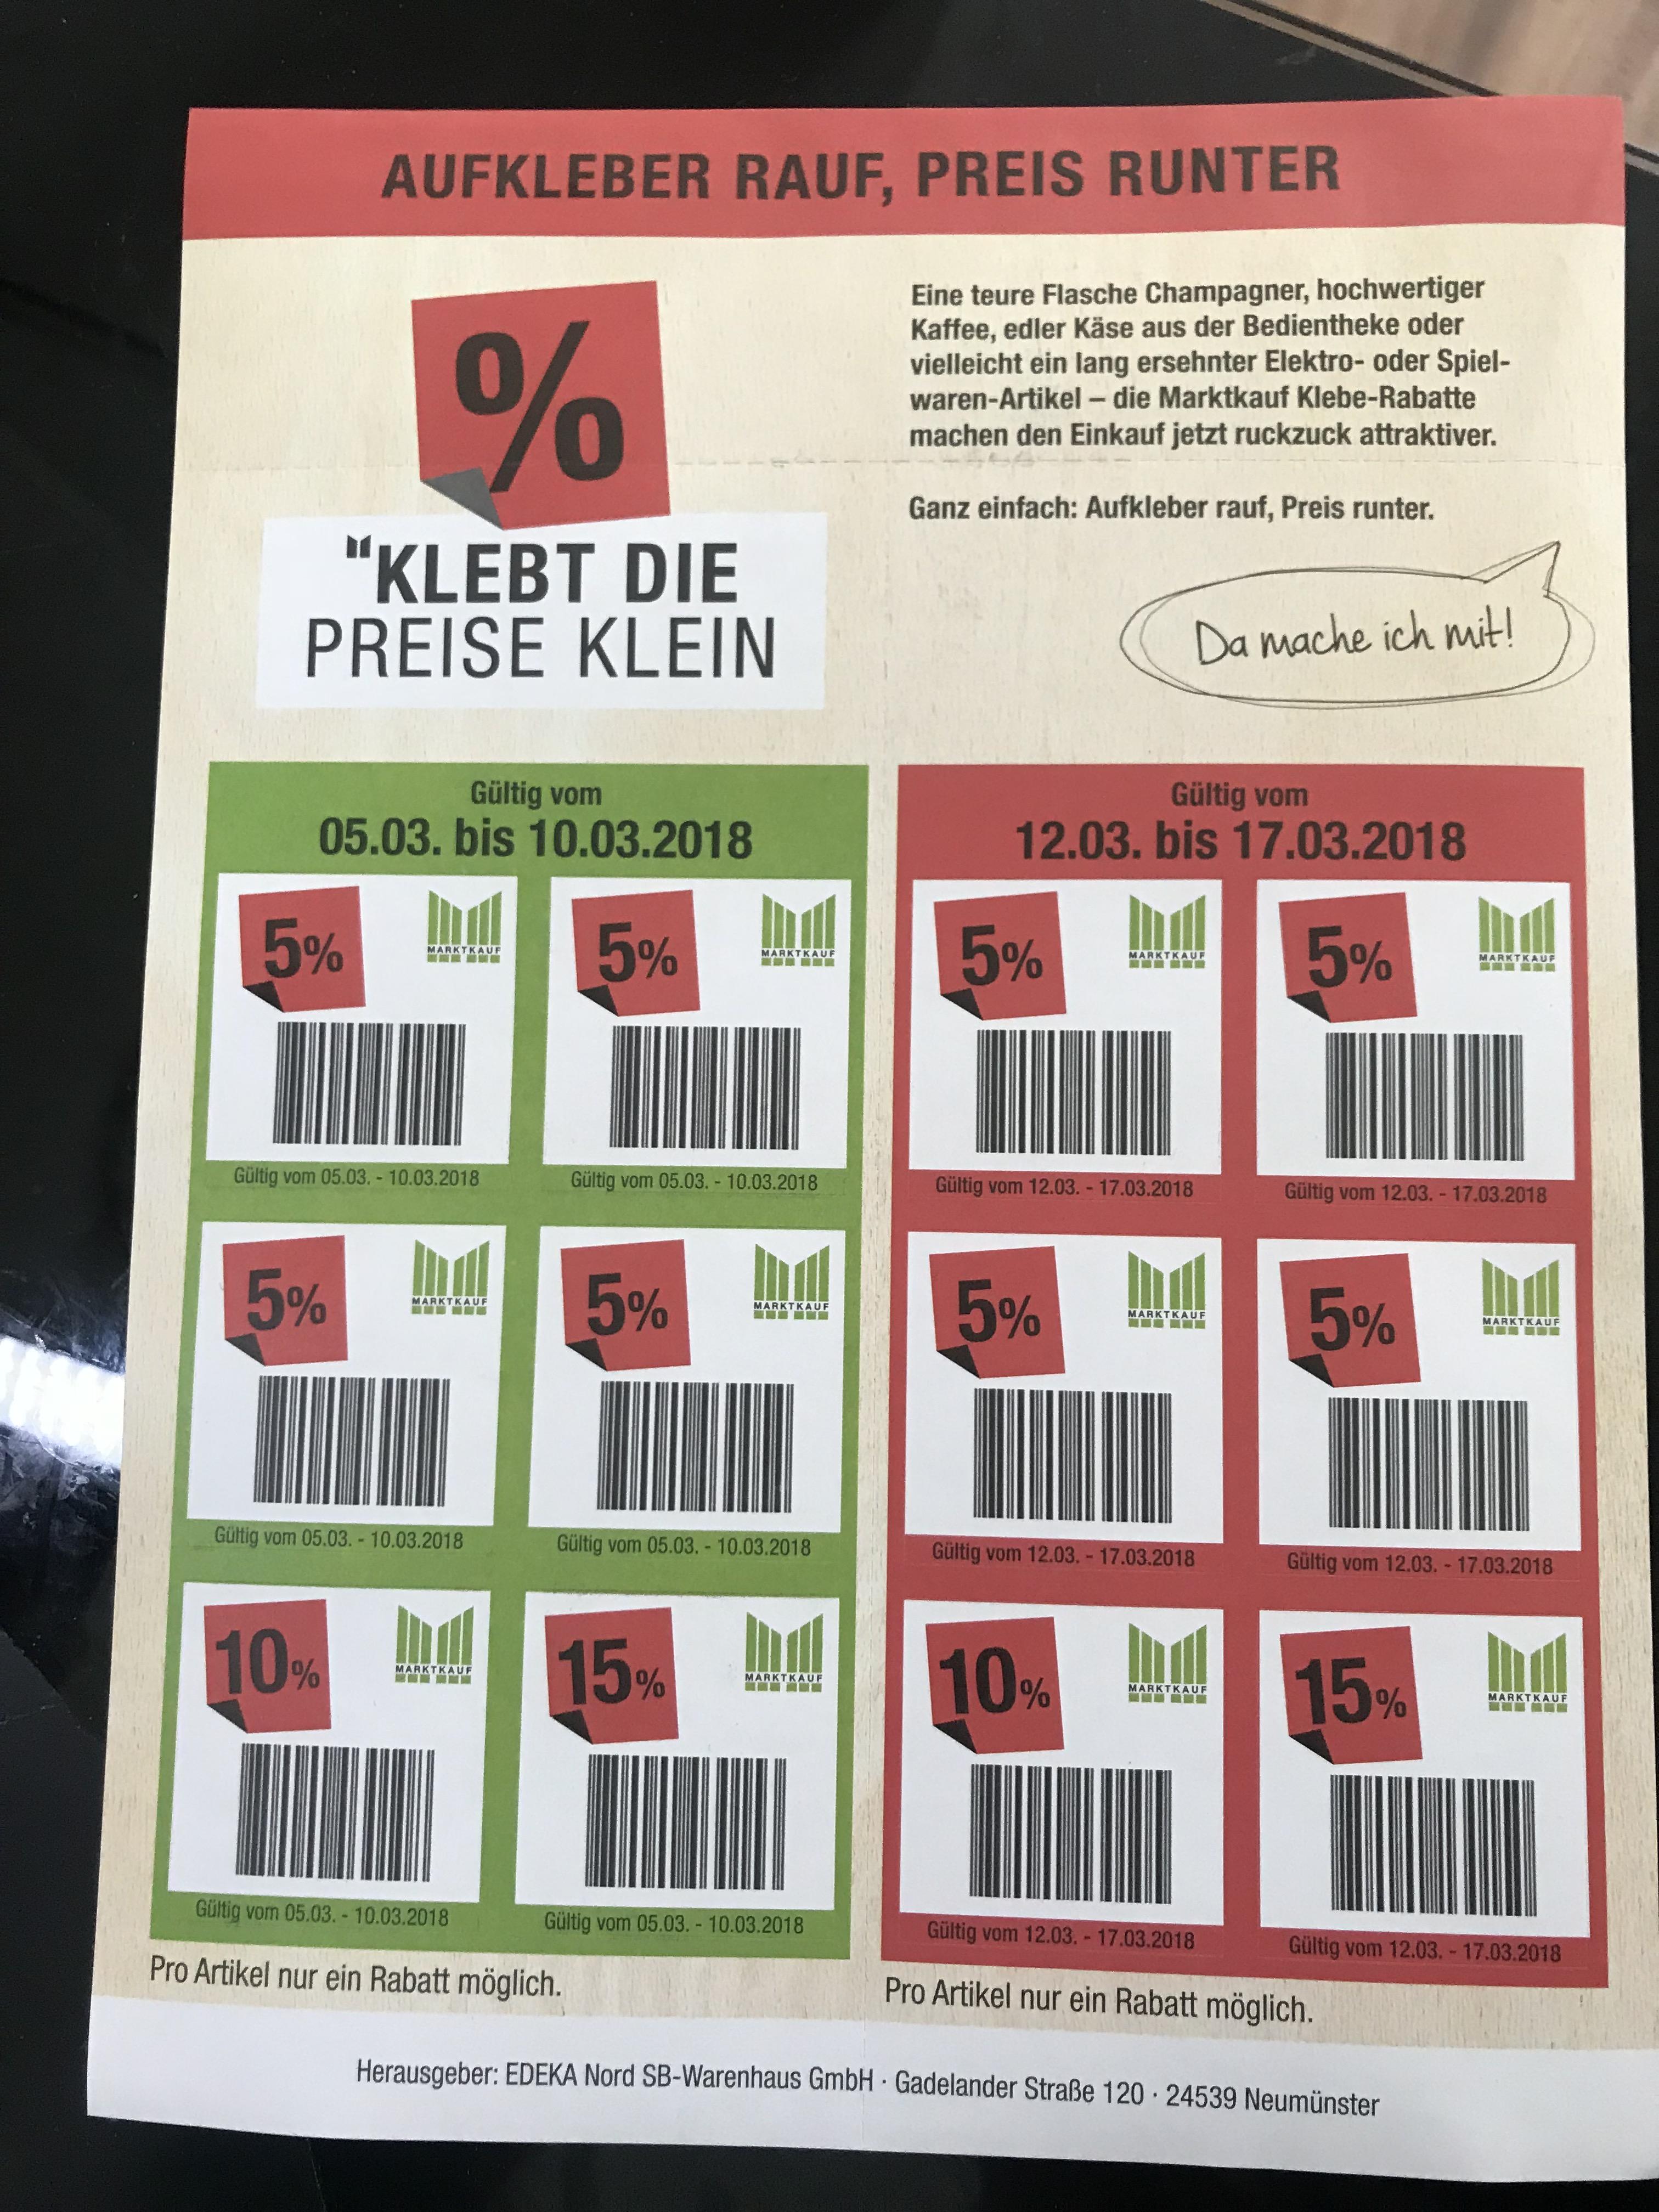 ( Marktkauf lokal ) 5 bis 15% Rabatt Aufkleber 12x in der Wochenbeilage ab 05.03.18 gültig